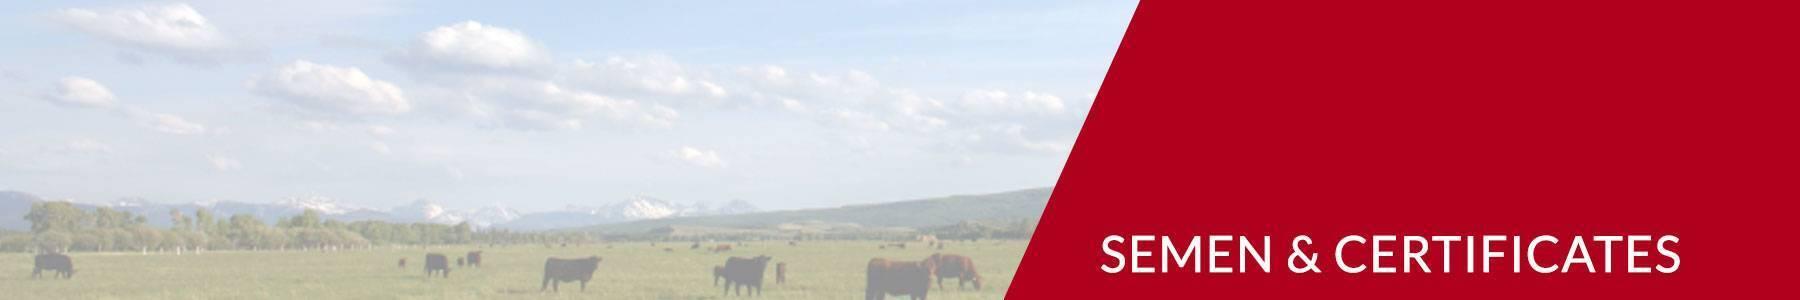 Buy Club Calf Semen | ORIgen